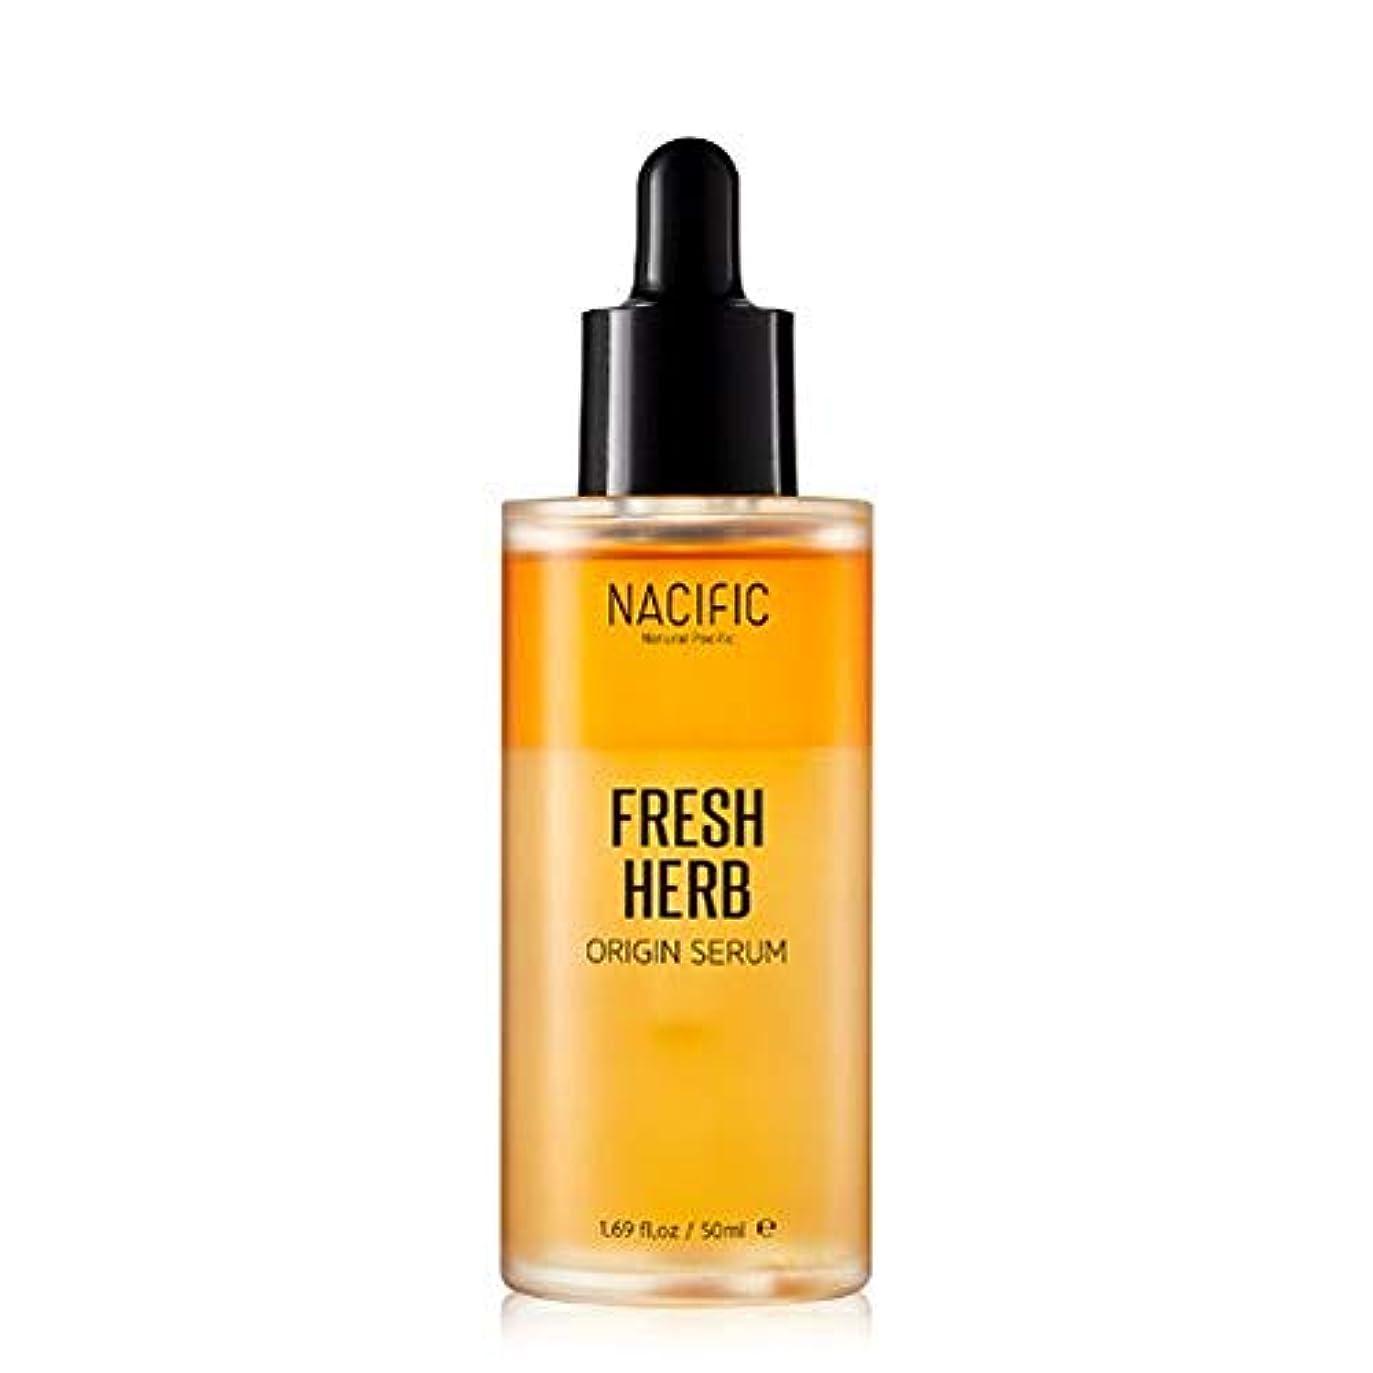 ペイント期限切れフェードアウト[NACIFIC/ナシフィック] Fresh Herb Origin Serum 50ml/フレッシュ ハーブ オリジン セラム 50ml ヨックセラム 韓国コスメ 韓国 [並行輸入品]